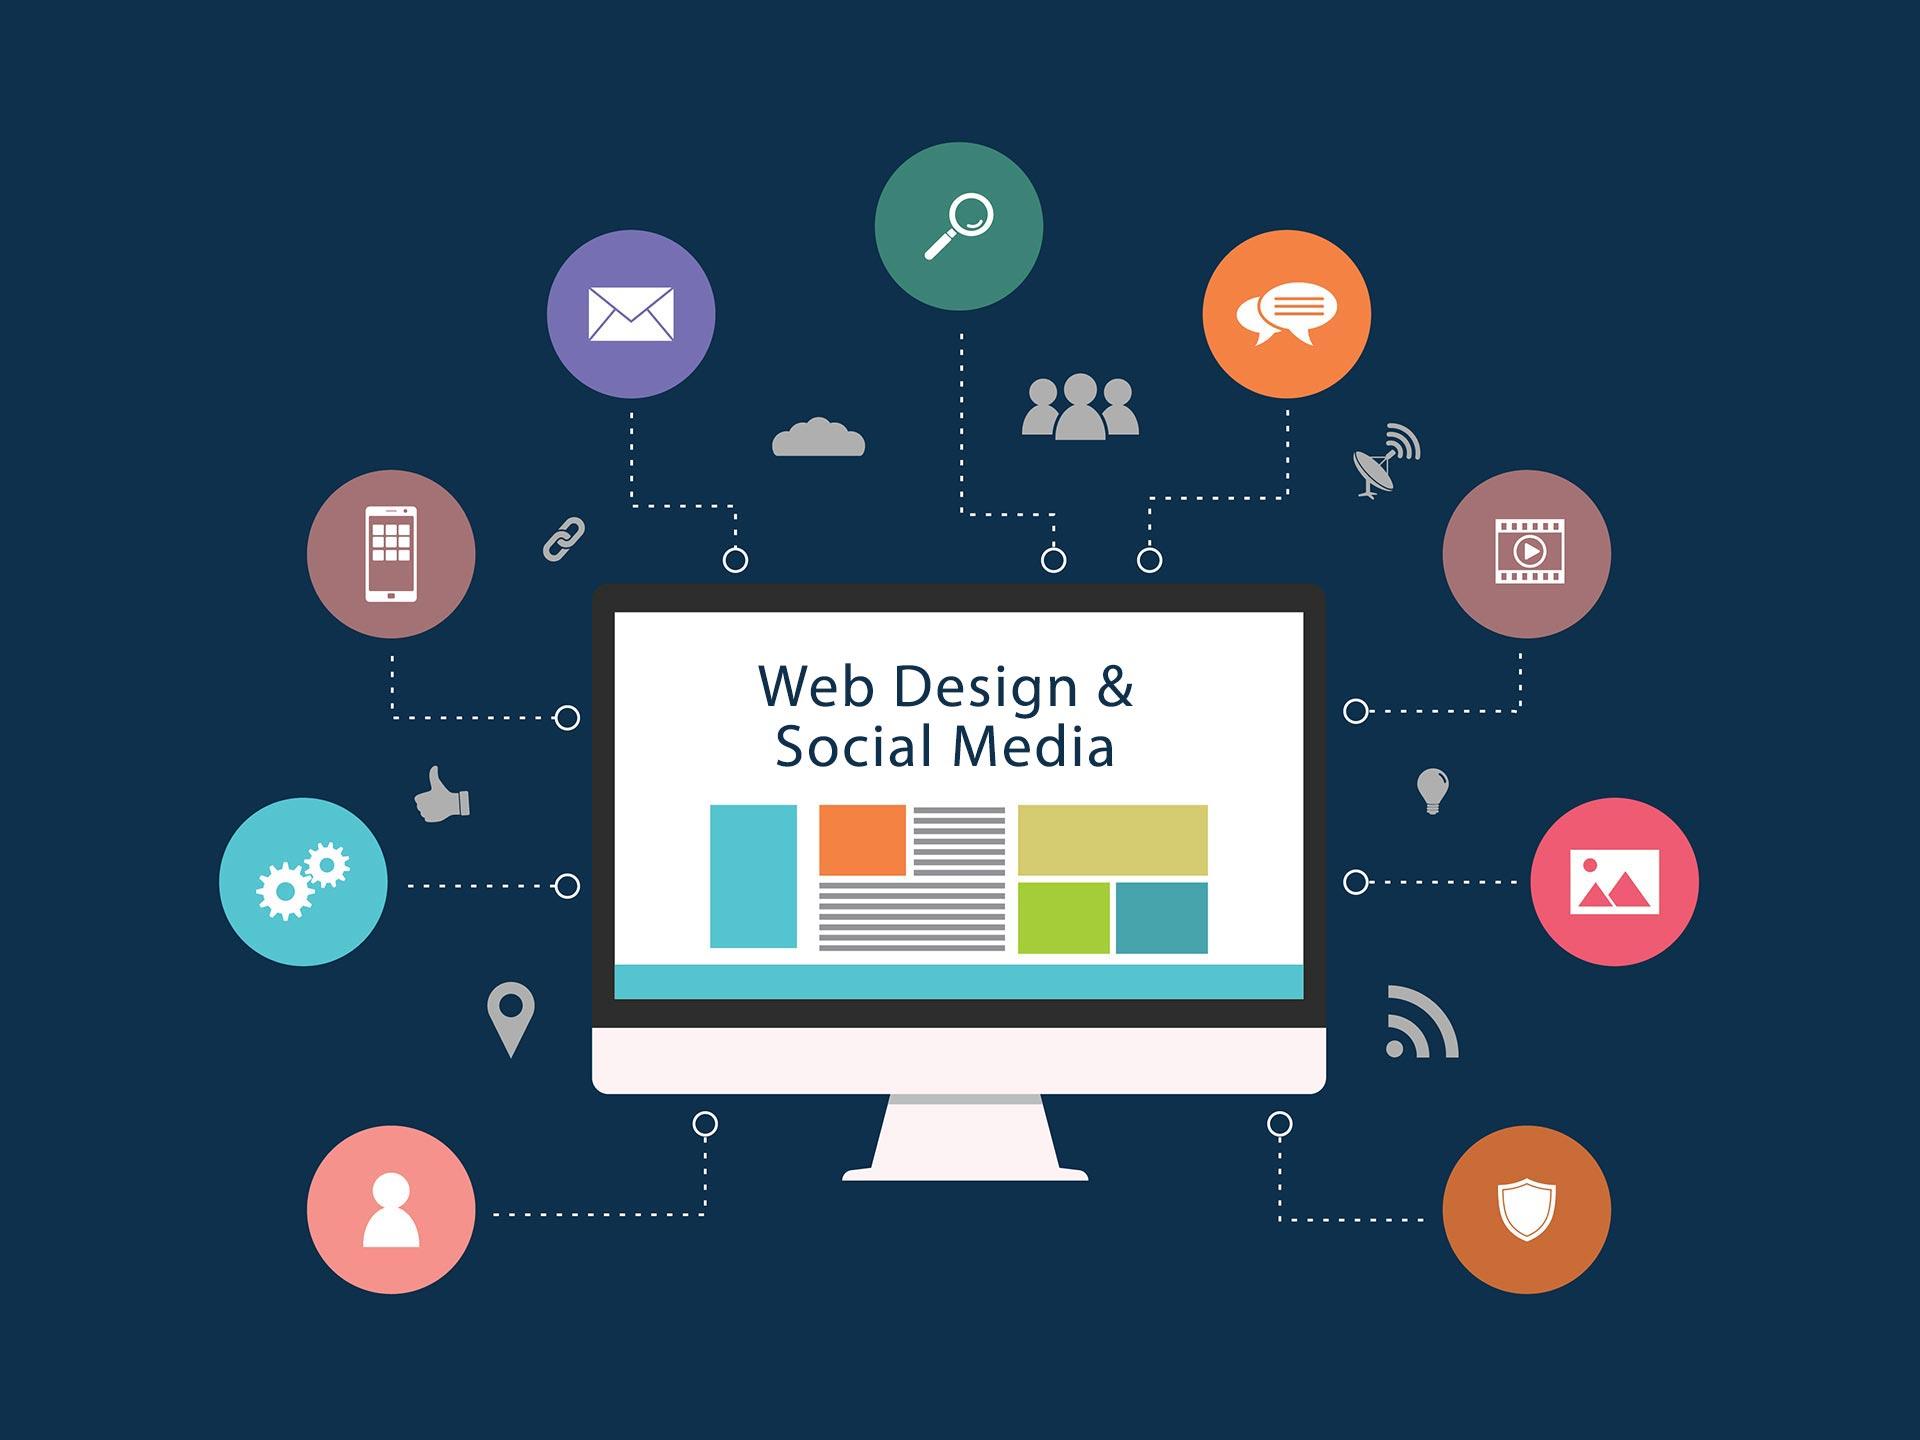 طراحی سایت و پشتیبانی شبکه اجتماعی